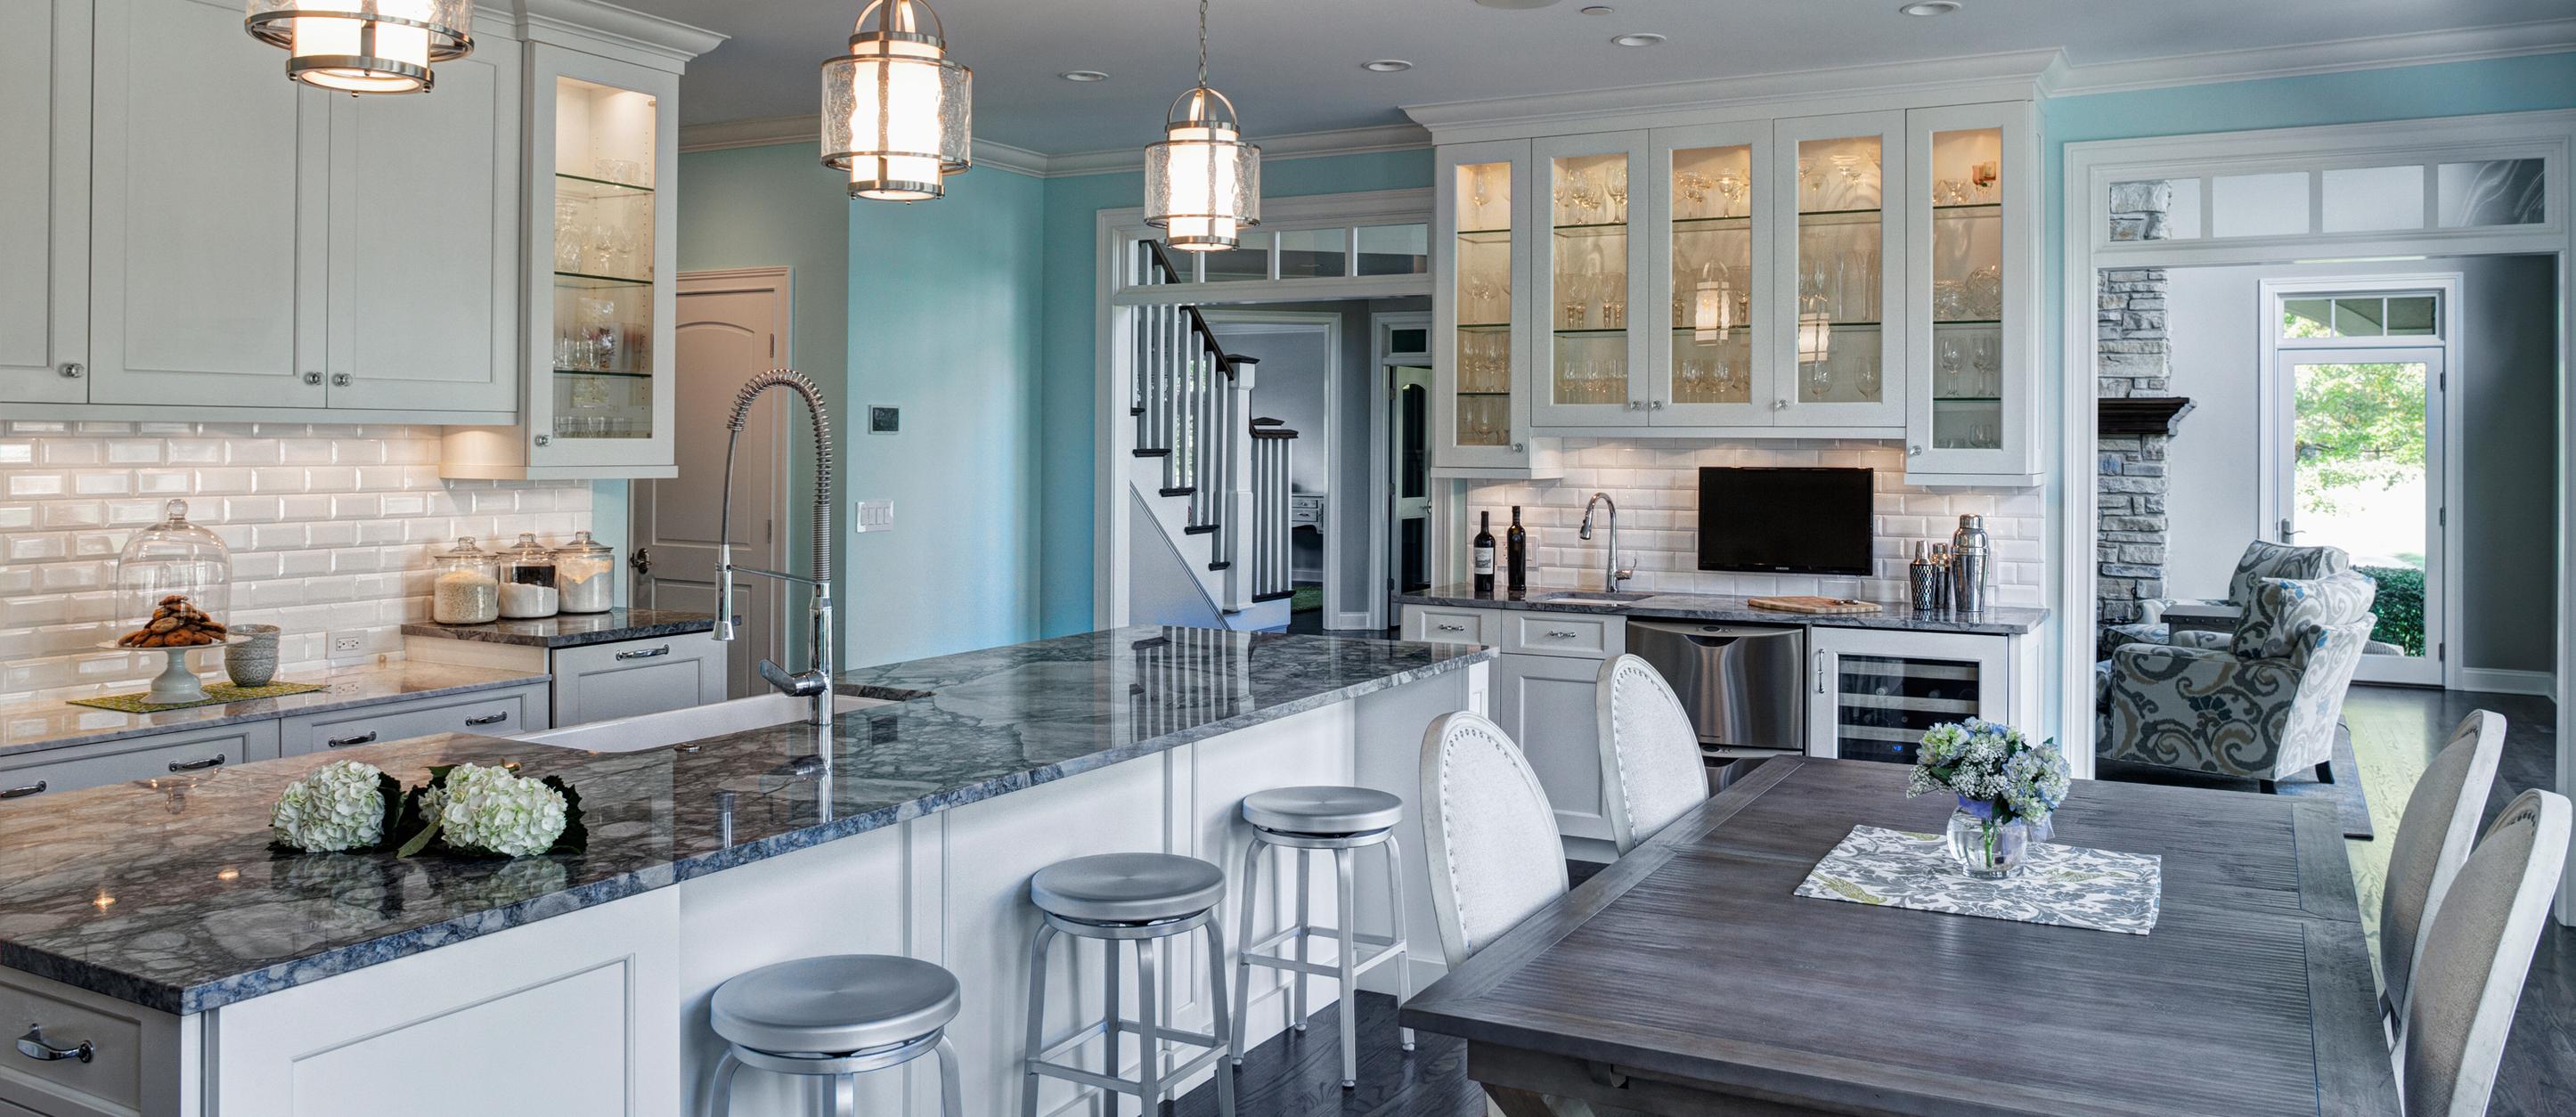 Kitchen Cabinets Jacksonville Best Kitchen Gallery | Rachelxblog ...